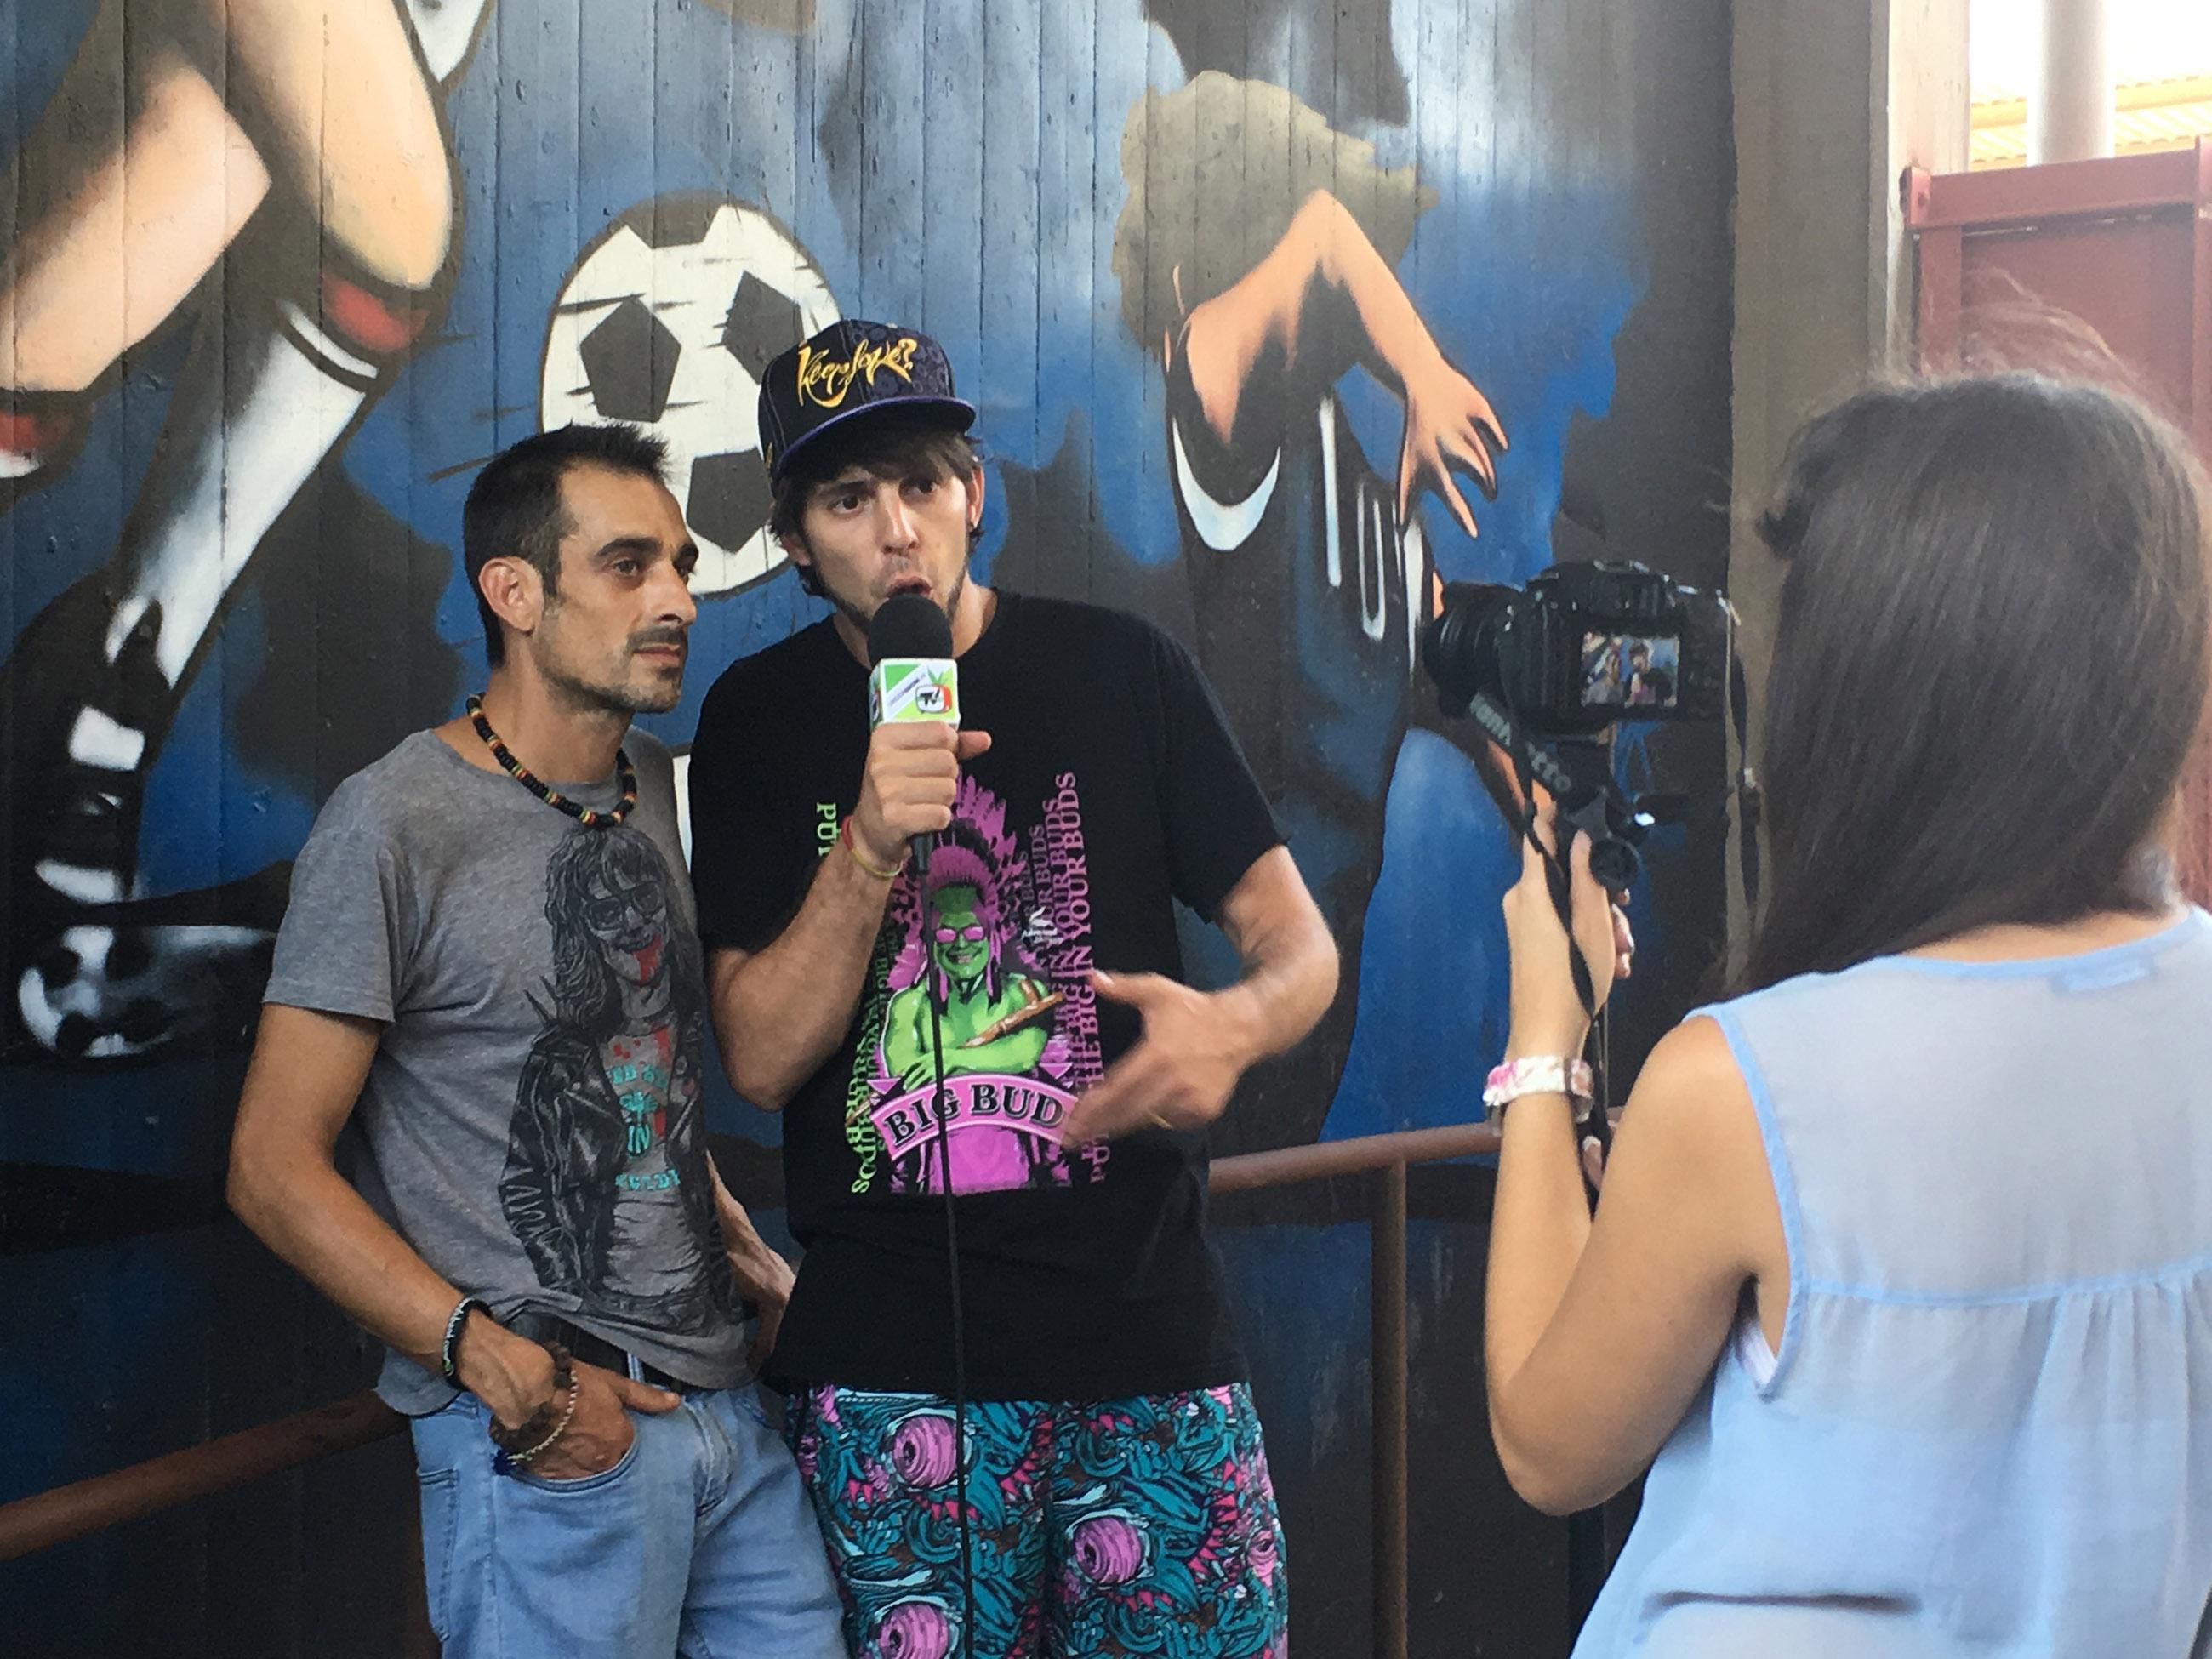 Foto einer Interviewsituation mit dem Cannabisaktivisten Dany Ramos und dem Moderator Maka, der einen YouTube-Kanal rund um Cannabis betreibt. Die beiden schauen in Richtung einer Frau, die eine Kamera in der Hand hält.